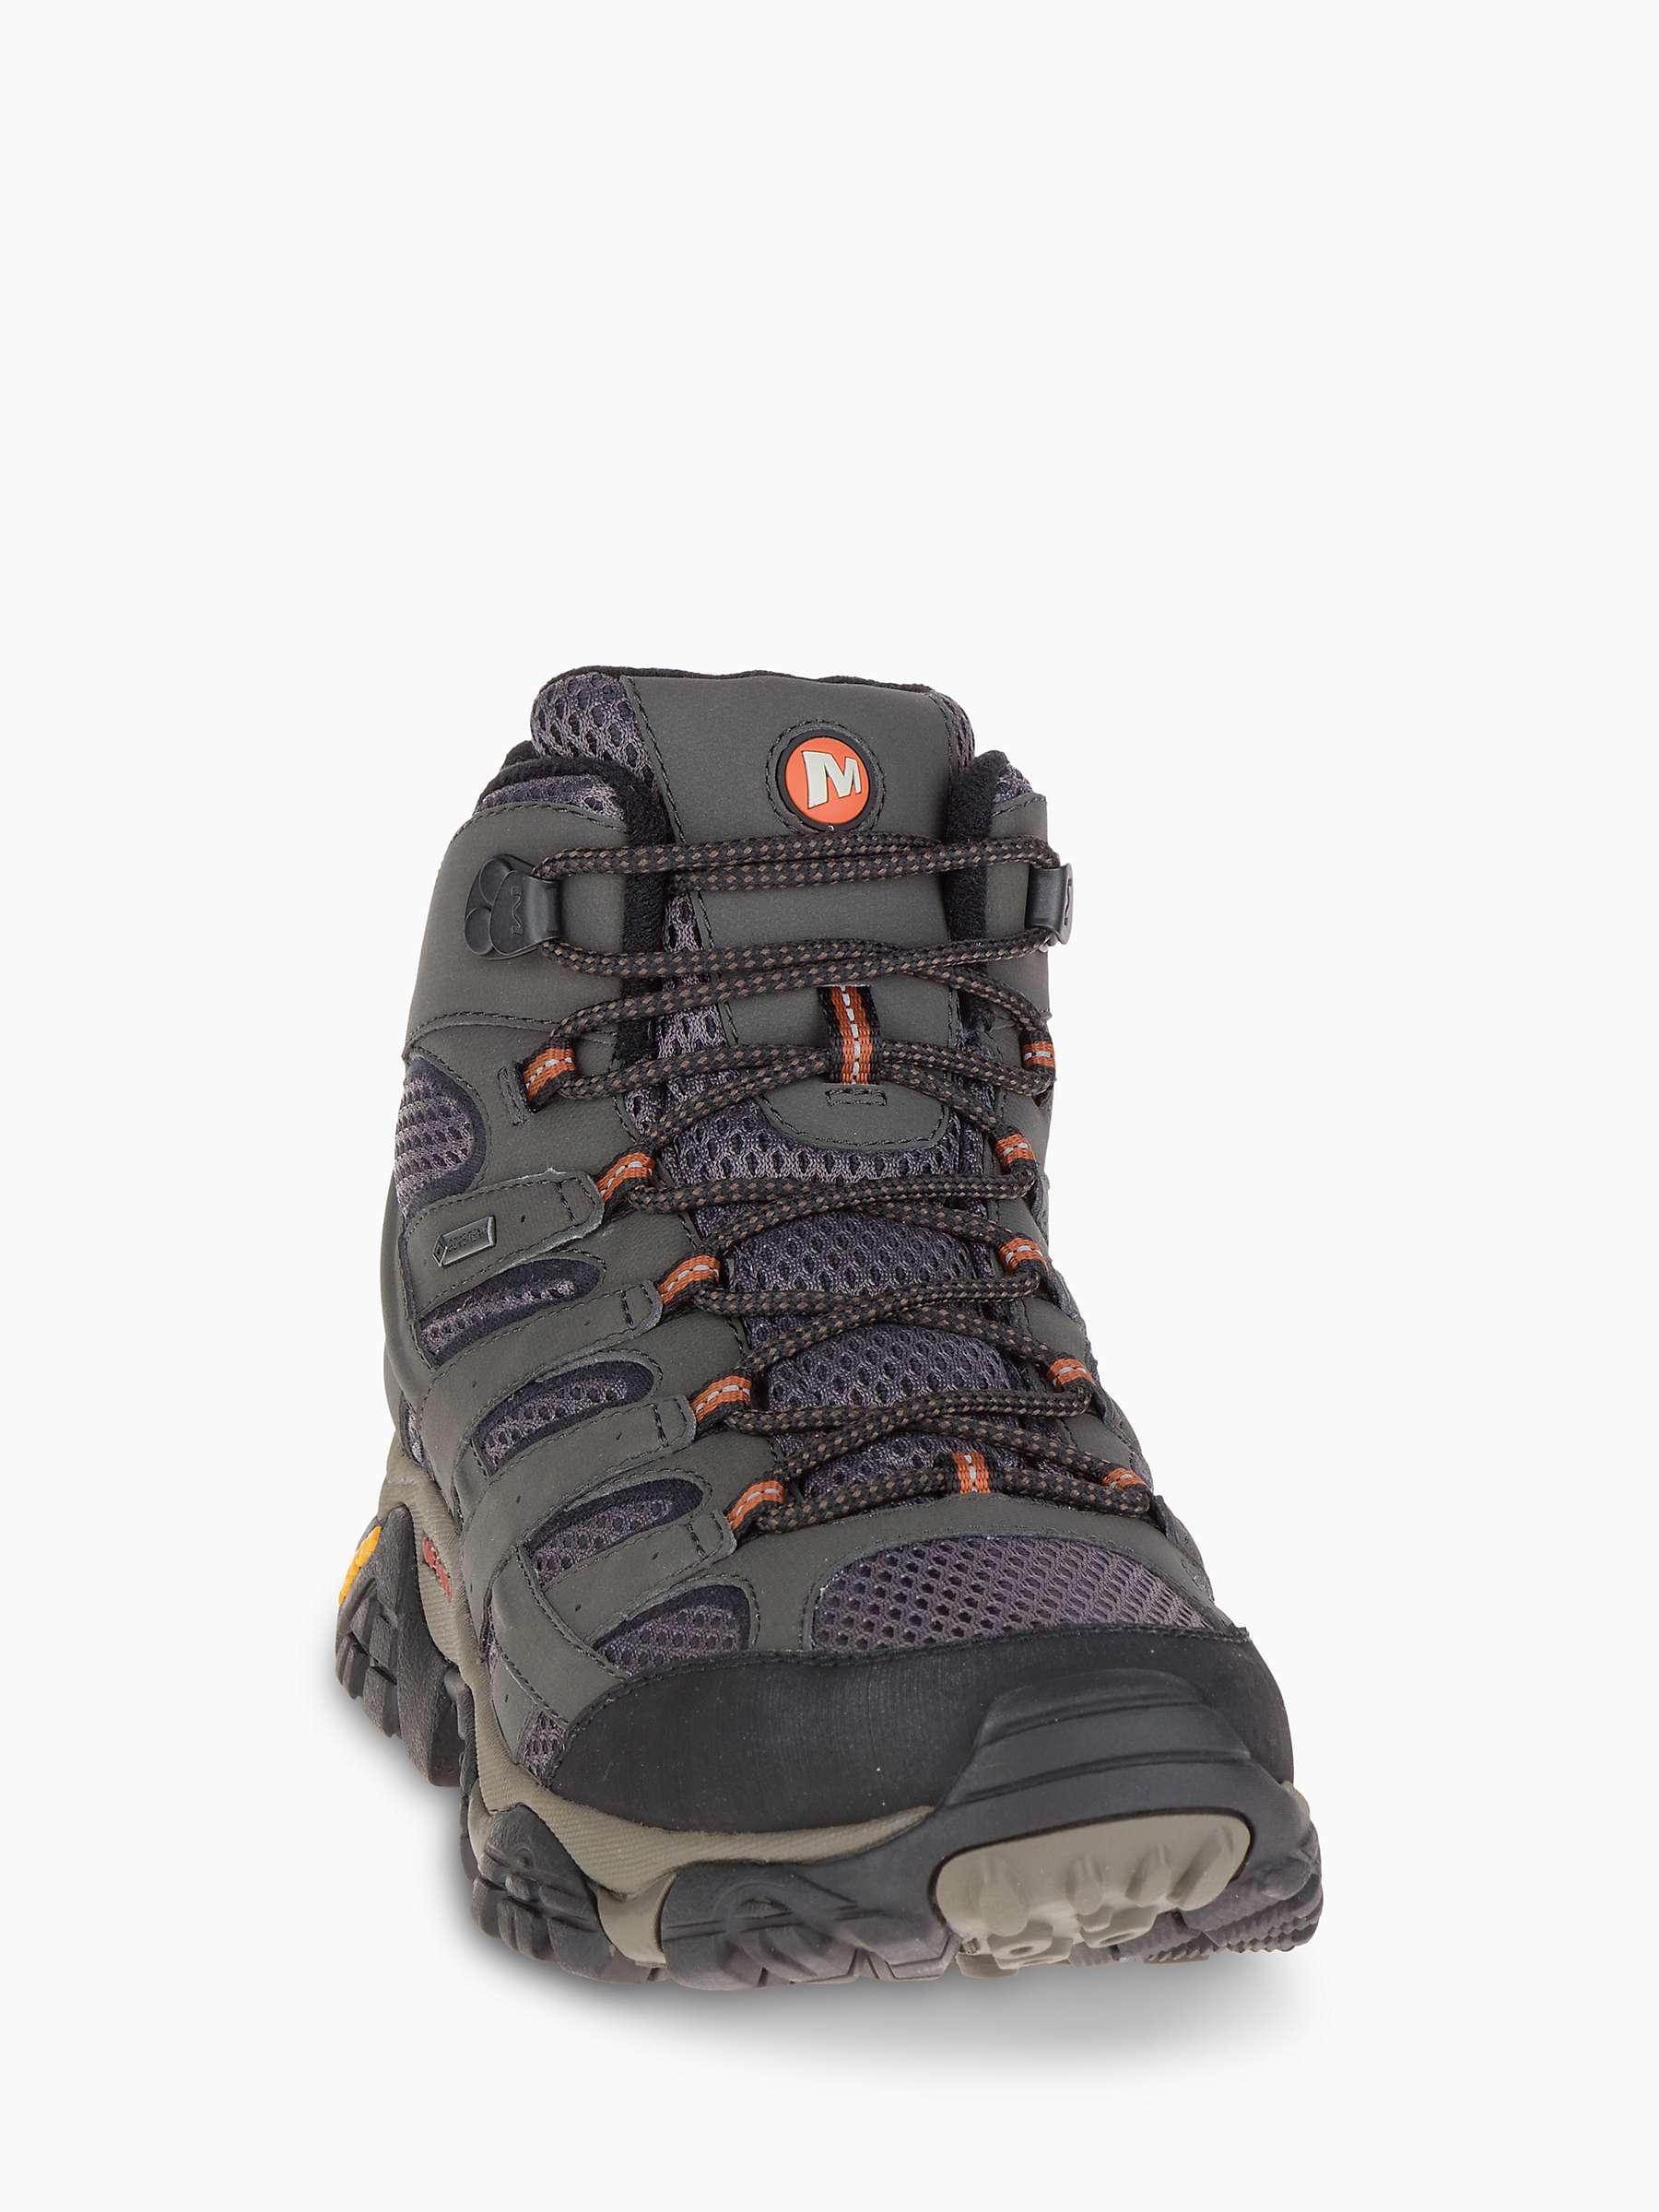 Excellente qualité codes promo nouveau sélection Merrell MOAB 2 Mid Men's Waterproof Gore-Tex Hiking Boots ...